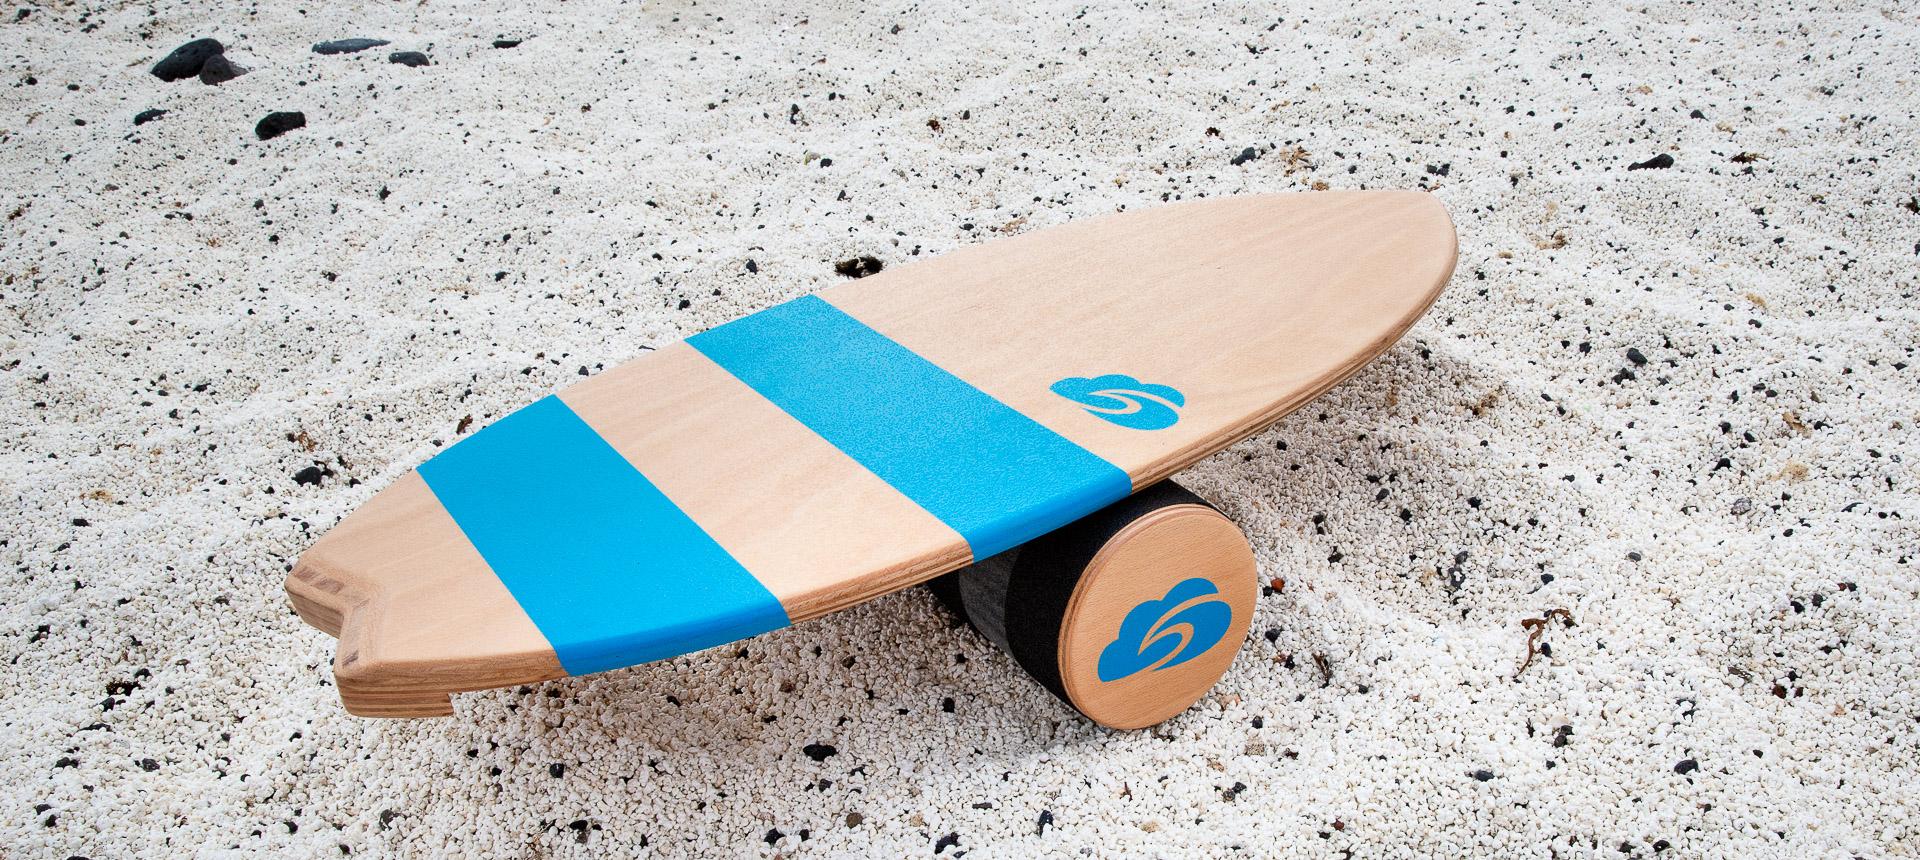 SURF DREAM Balance Board